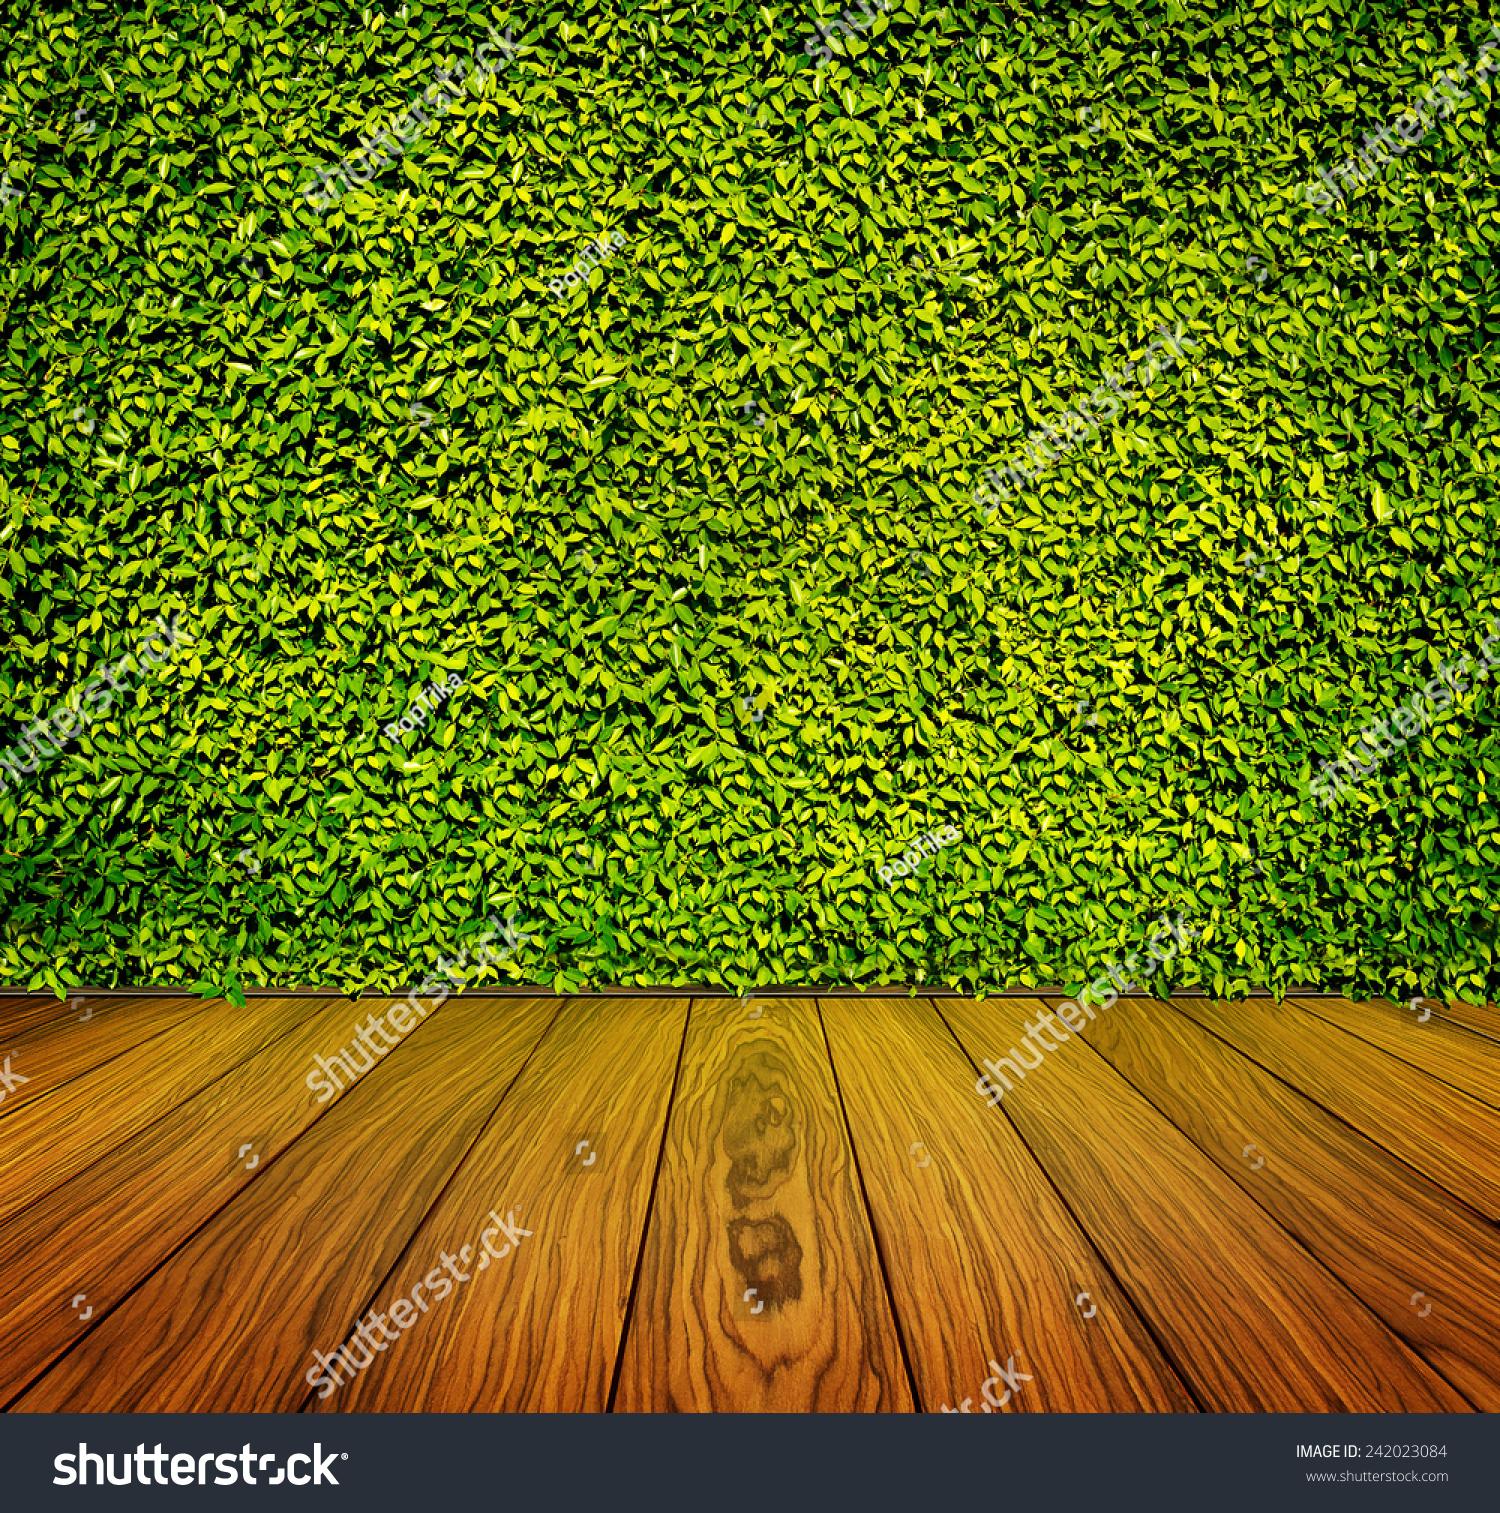 绿叶和木地板的背景墙-背景/素材